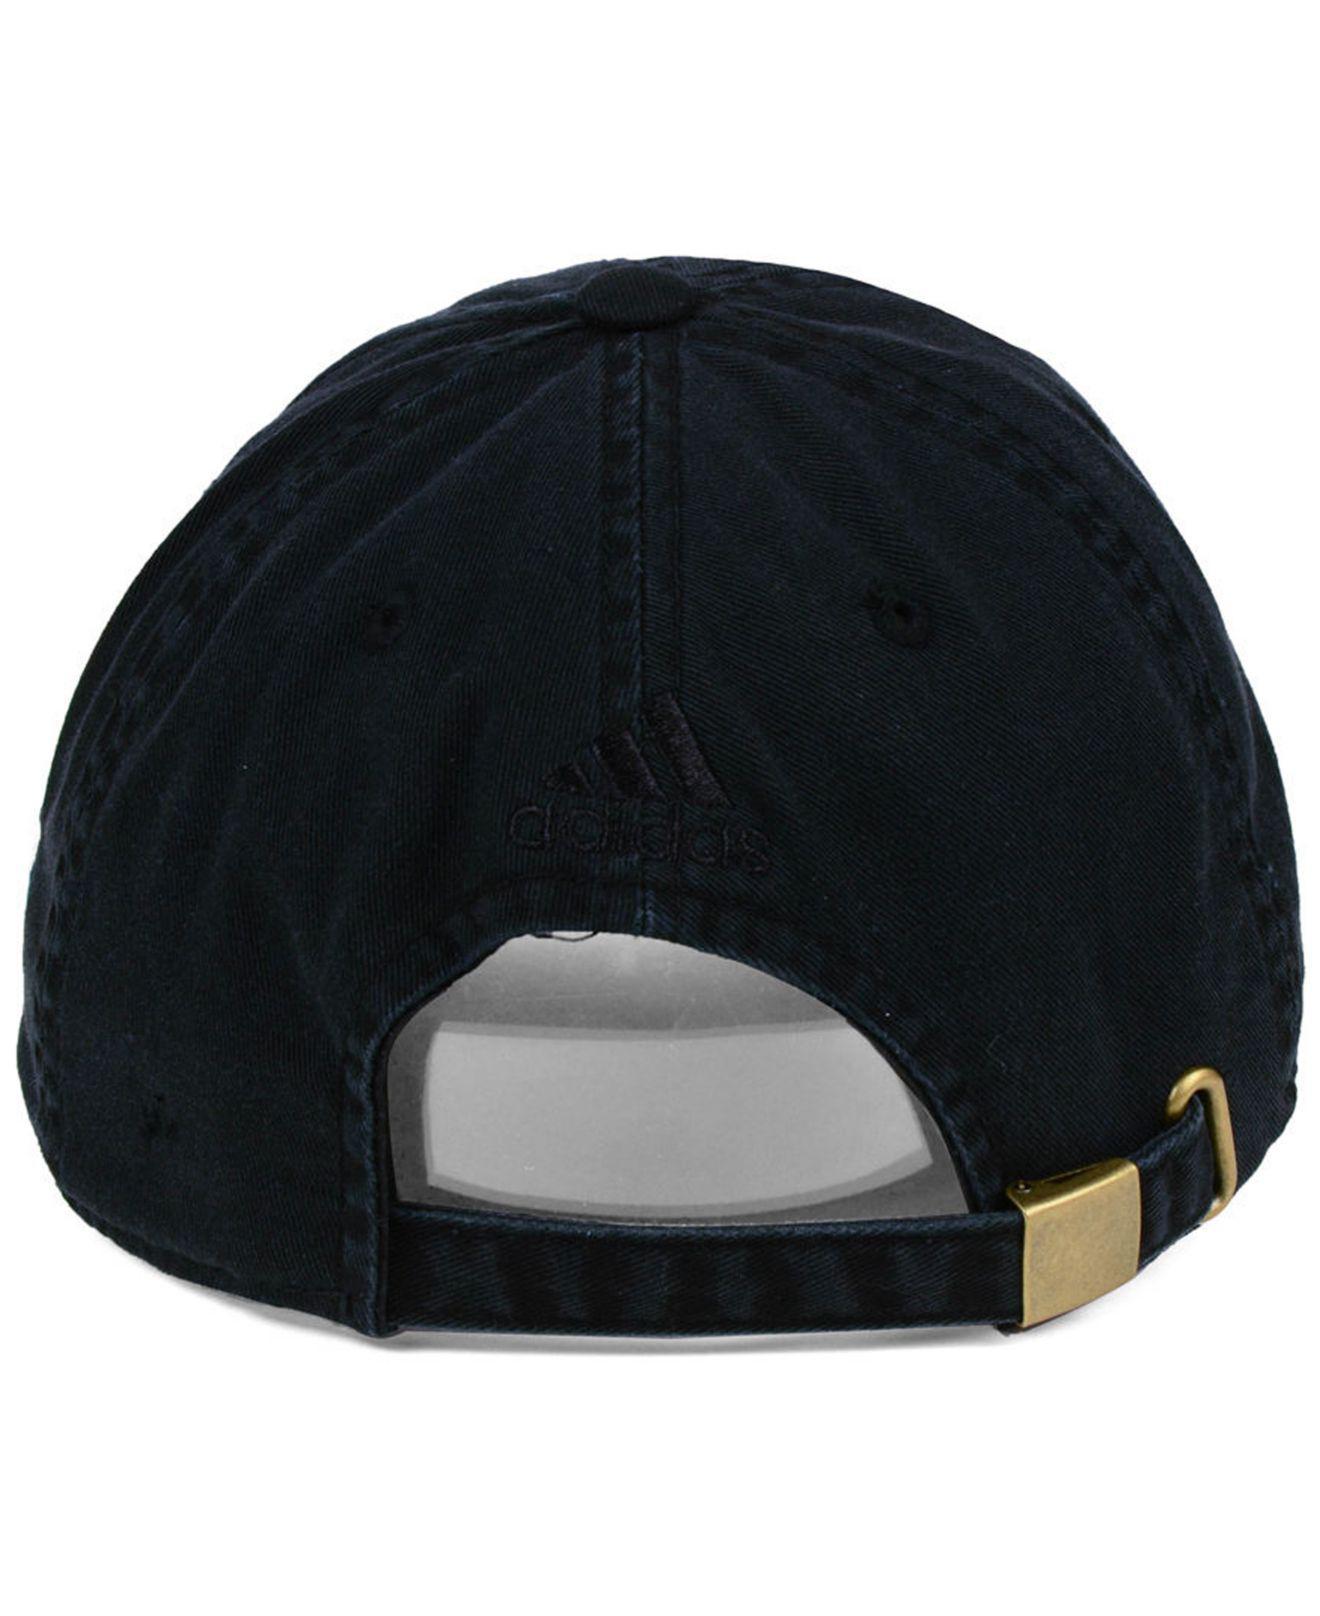 ... get adidas black minnesota united fc partial logo dad cap for men lyst.  view fullscreen 1d8310ea2163